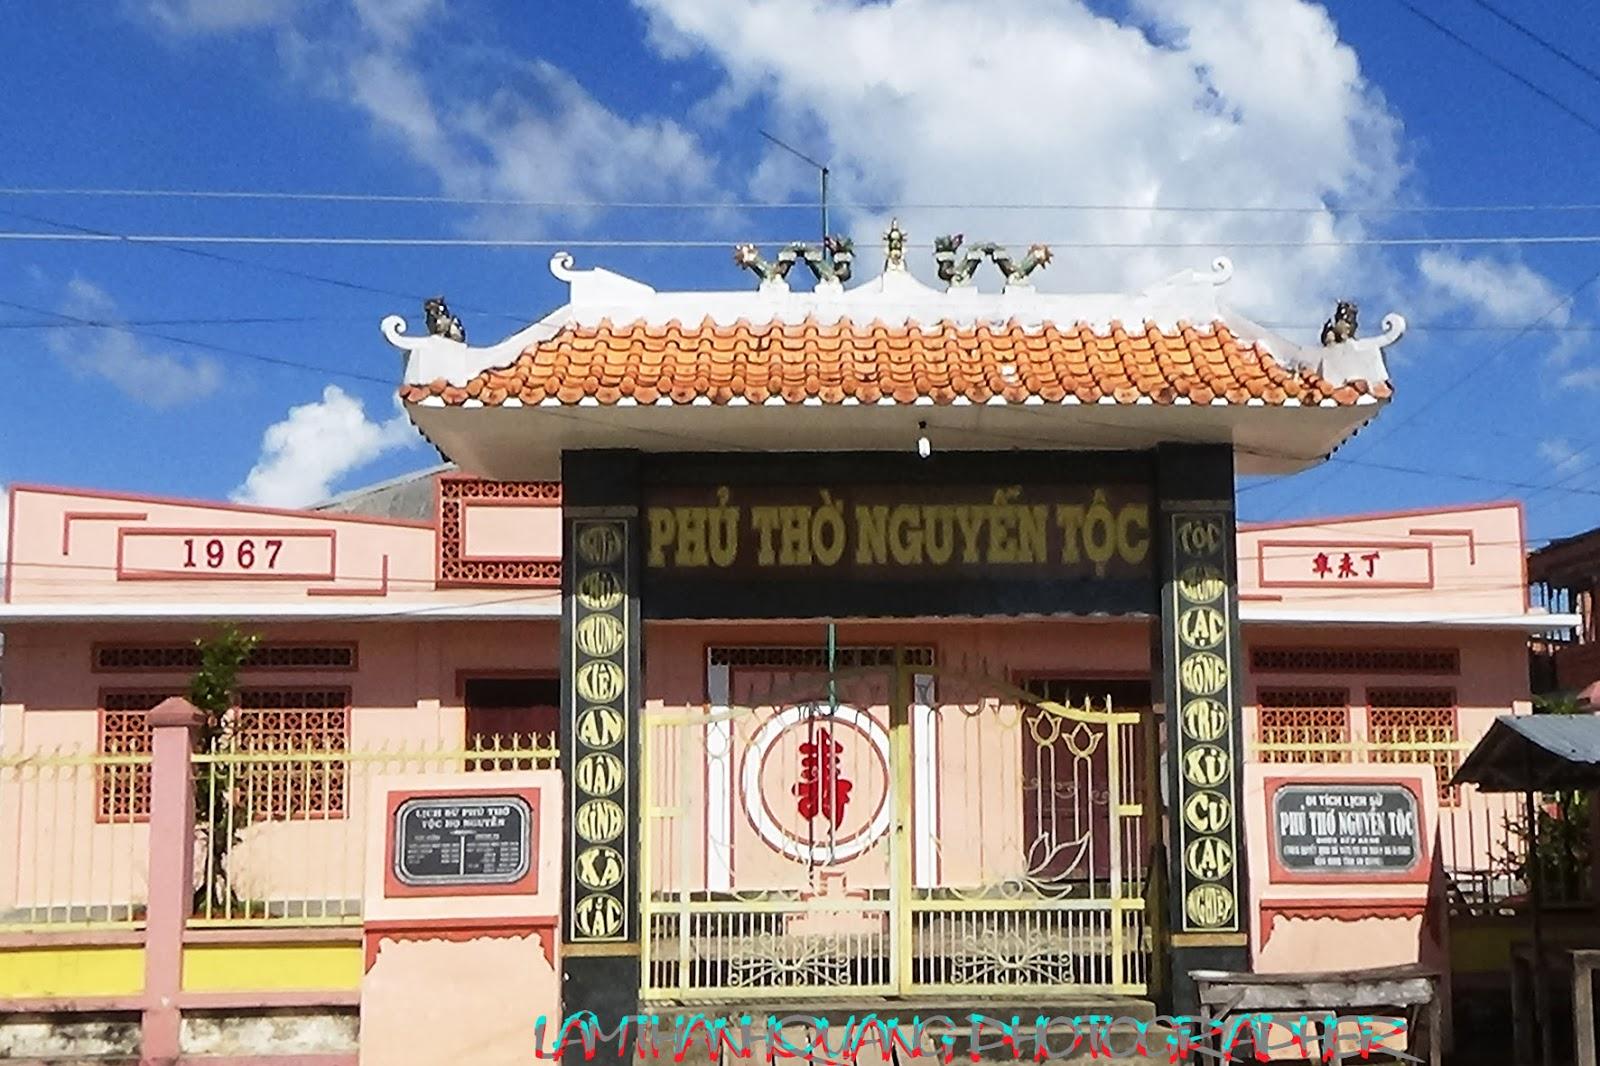 Phu_Tho_Nguyen_Toc 2